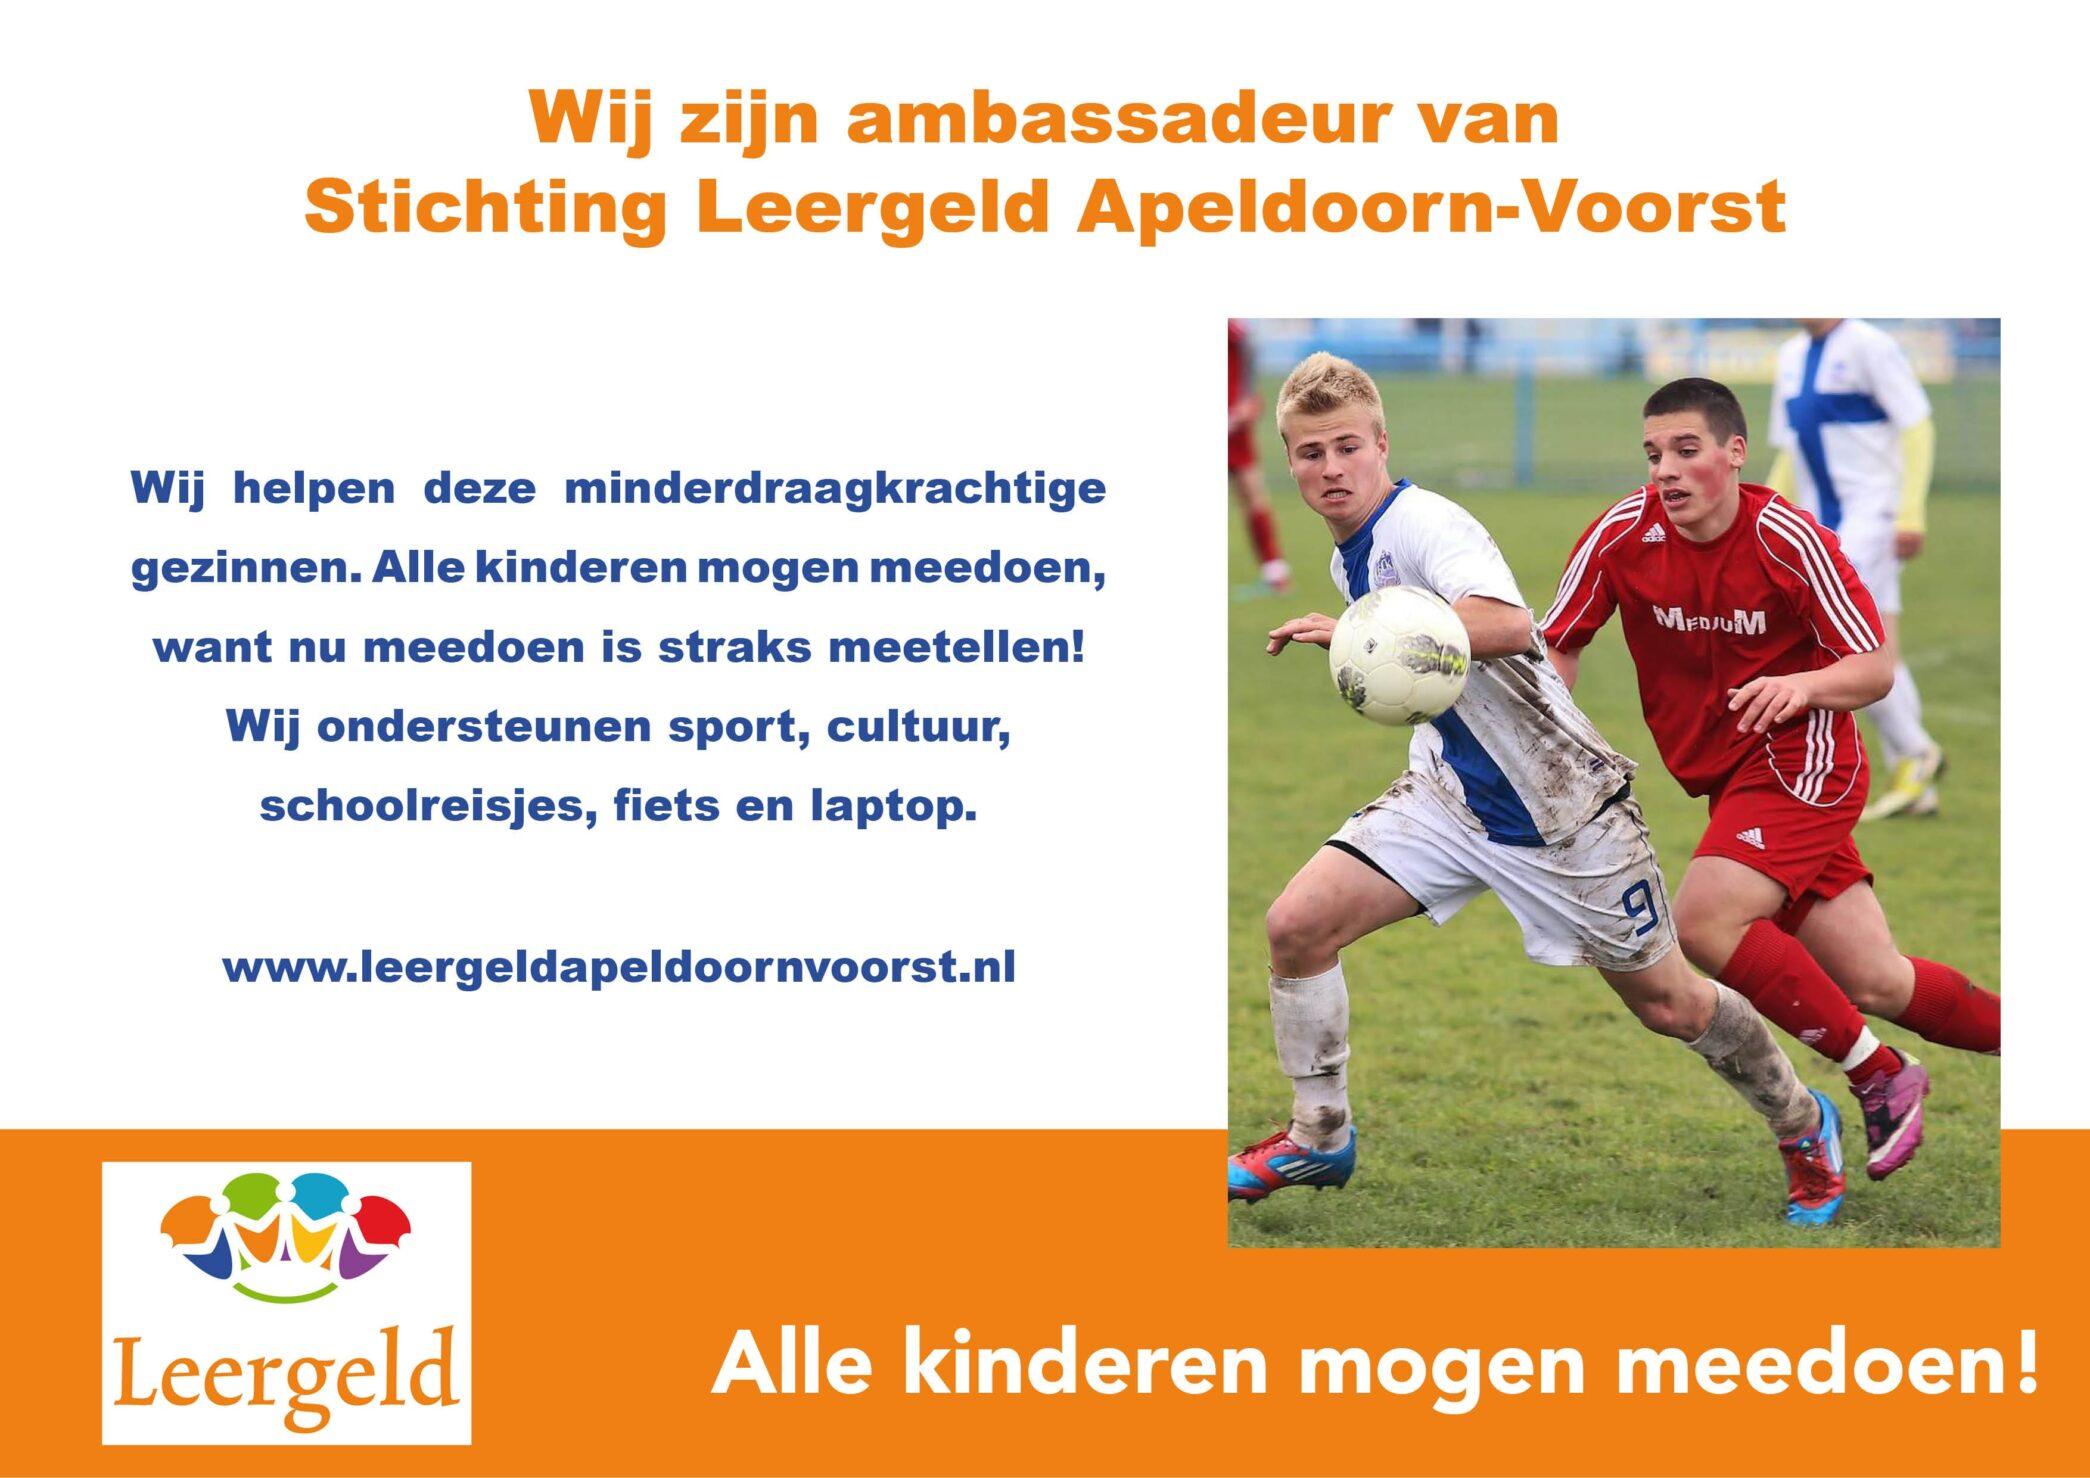 Aan de Stegge Twello ambassadeur Stichting Leergeld